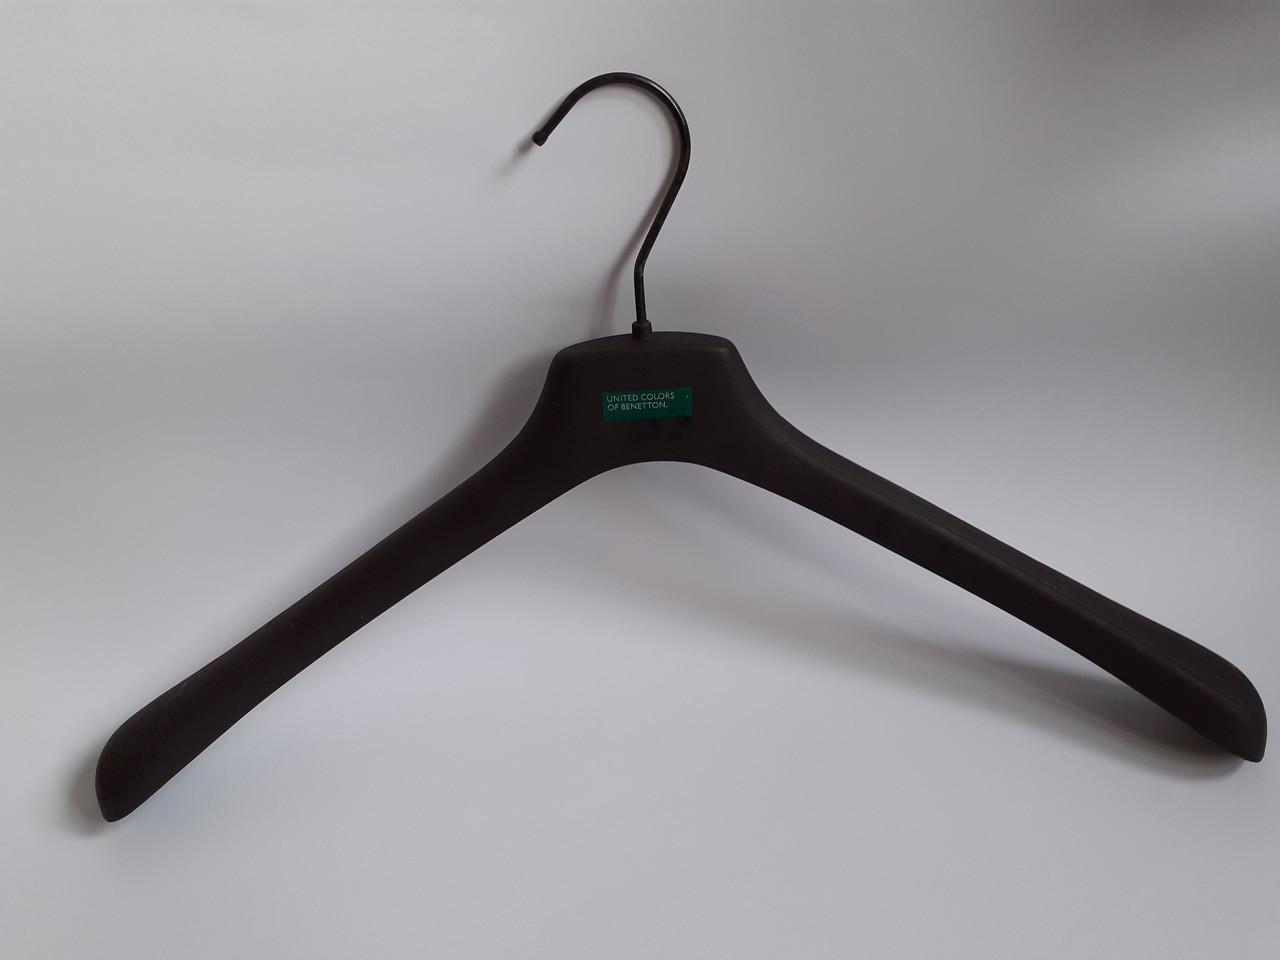 Вешалки для верхней одежды, плечики с широким плечом Benetton 45см